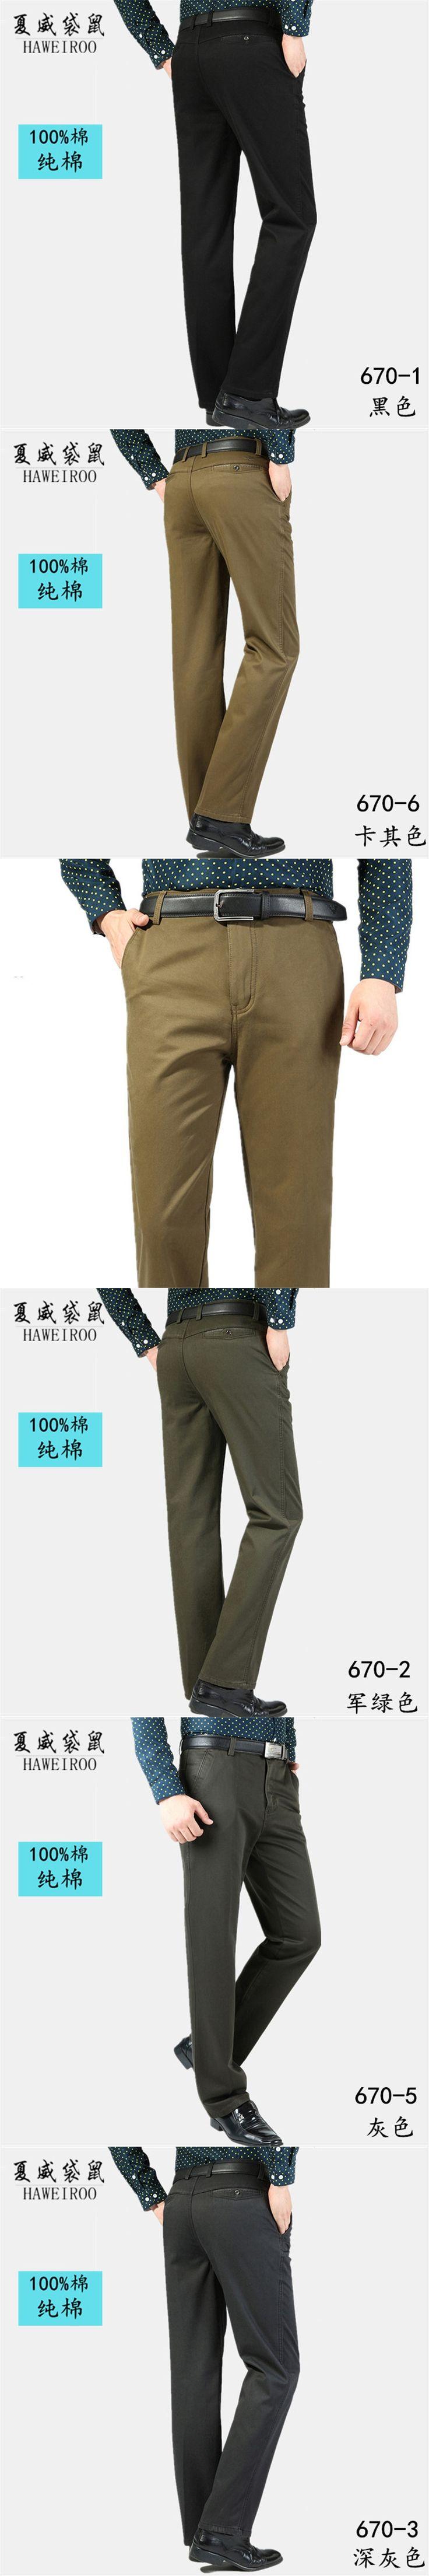 Business Casual Style Pants 5 Colors Autumn winter Men Cotton Slim Straight Trousers Casual Cotton Pants Multicolor Men Pants